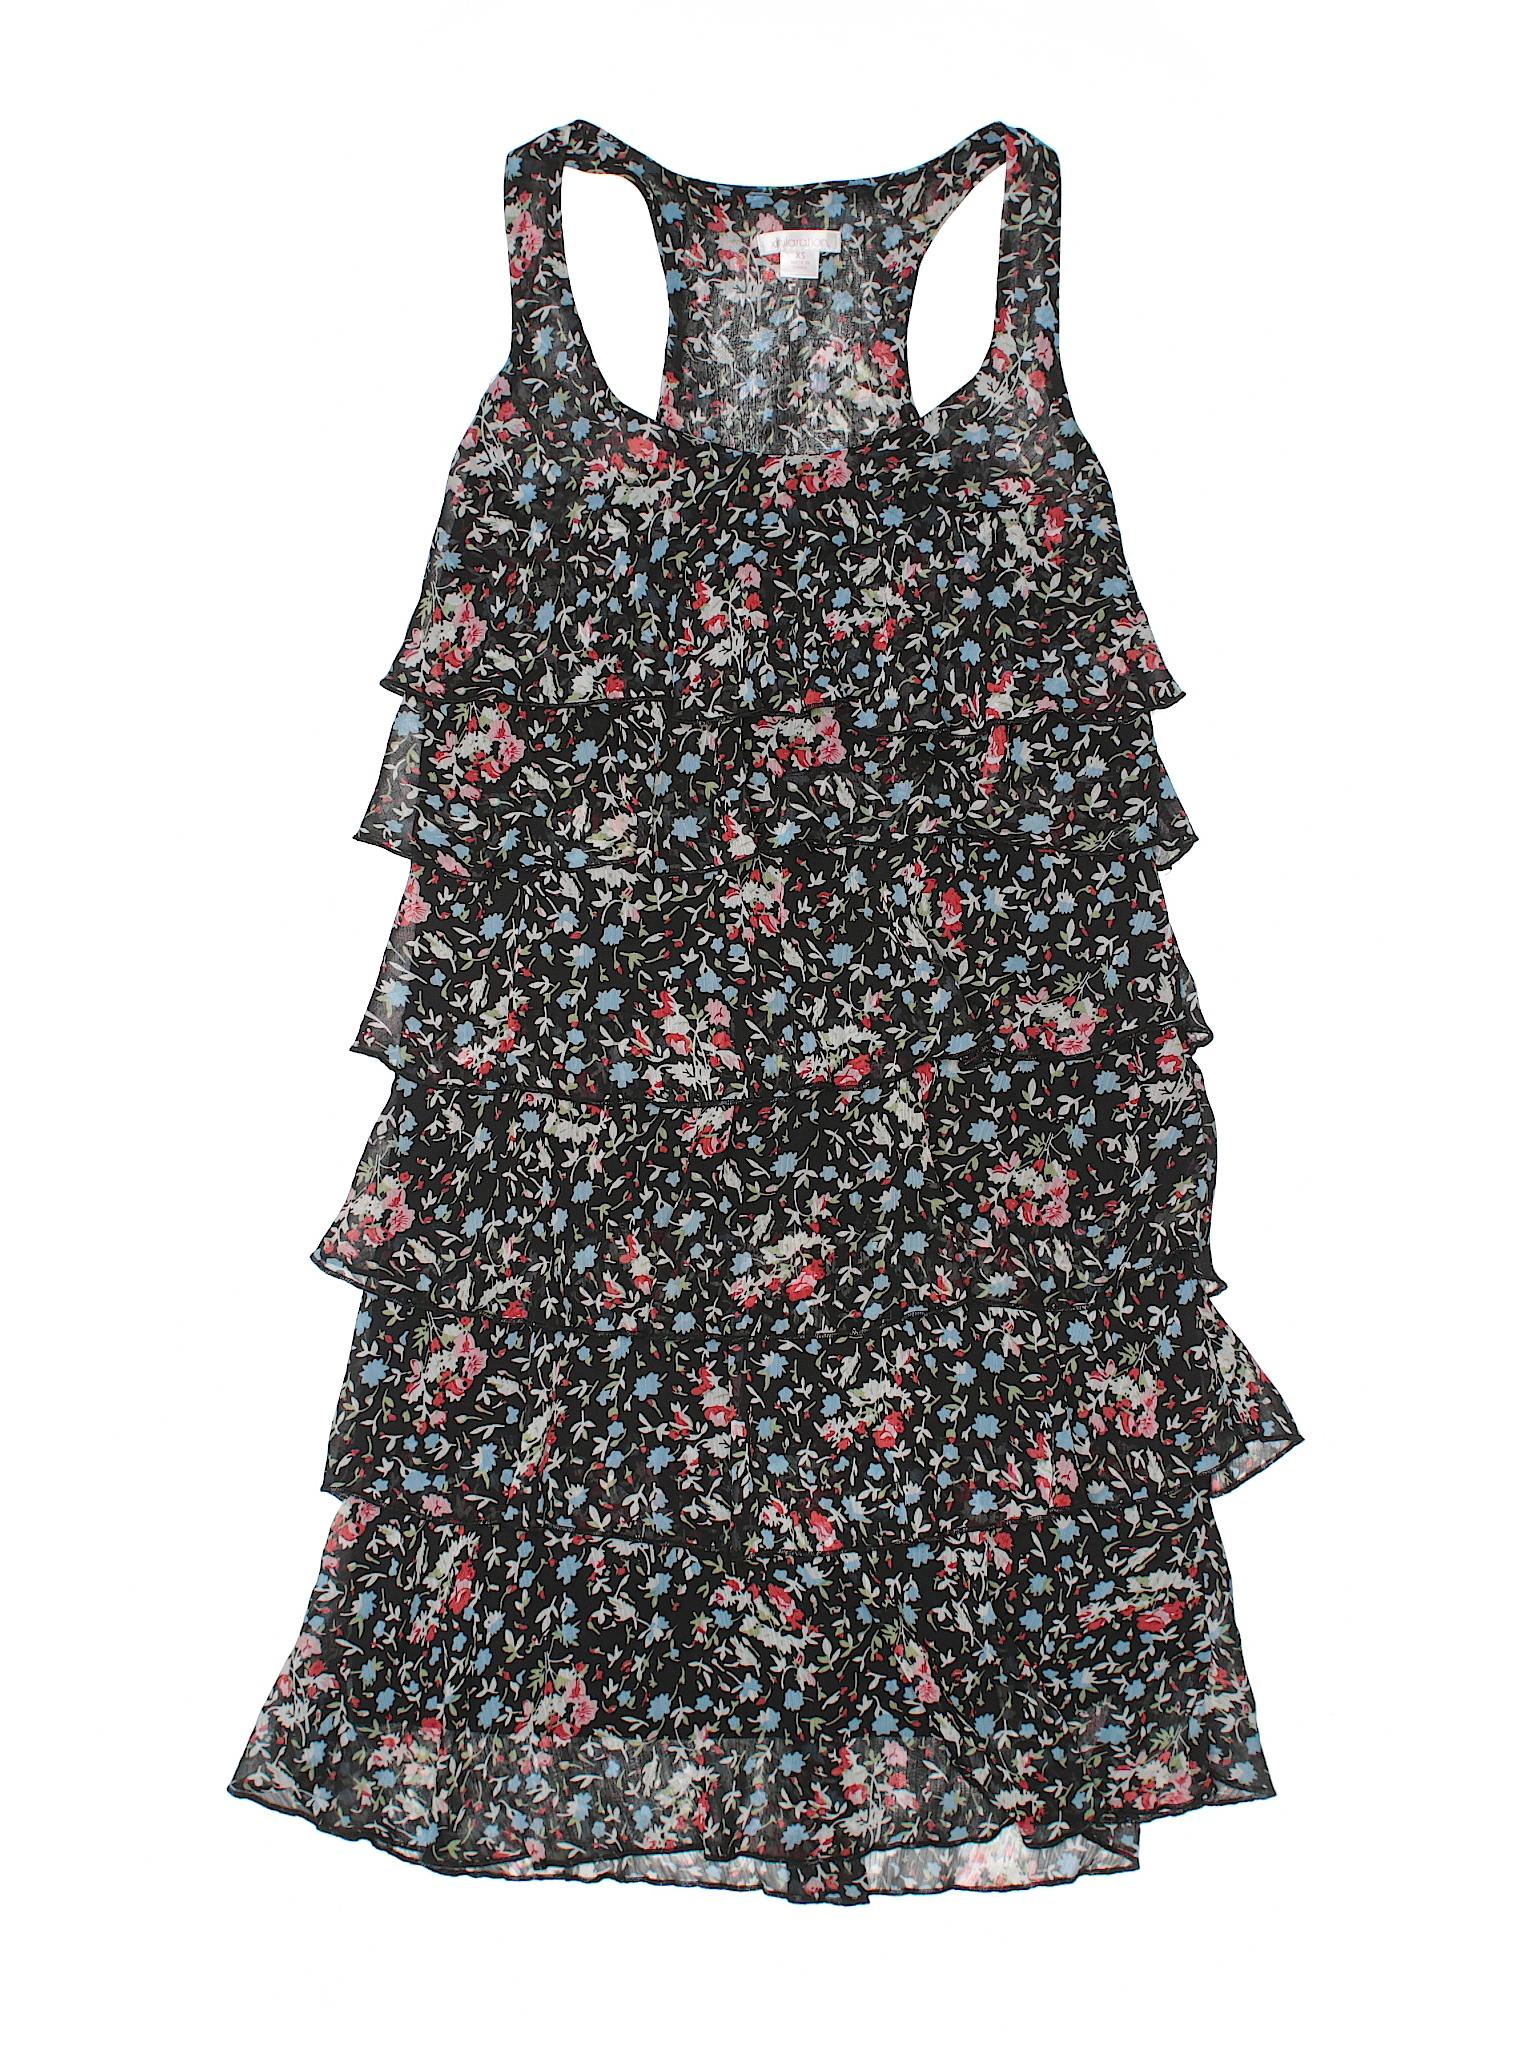 Boutique Casual winter Xhilaration Boutique Dress winter fnq11P46